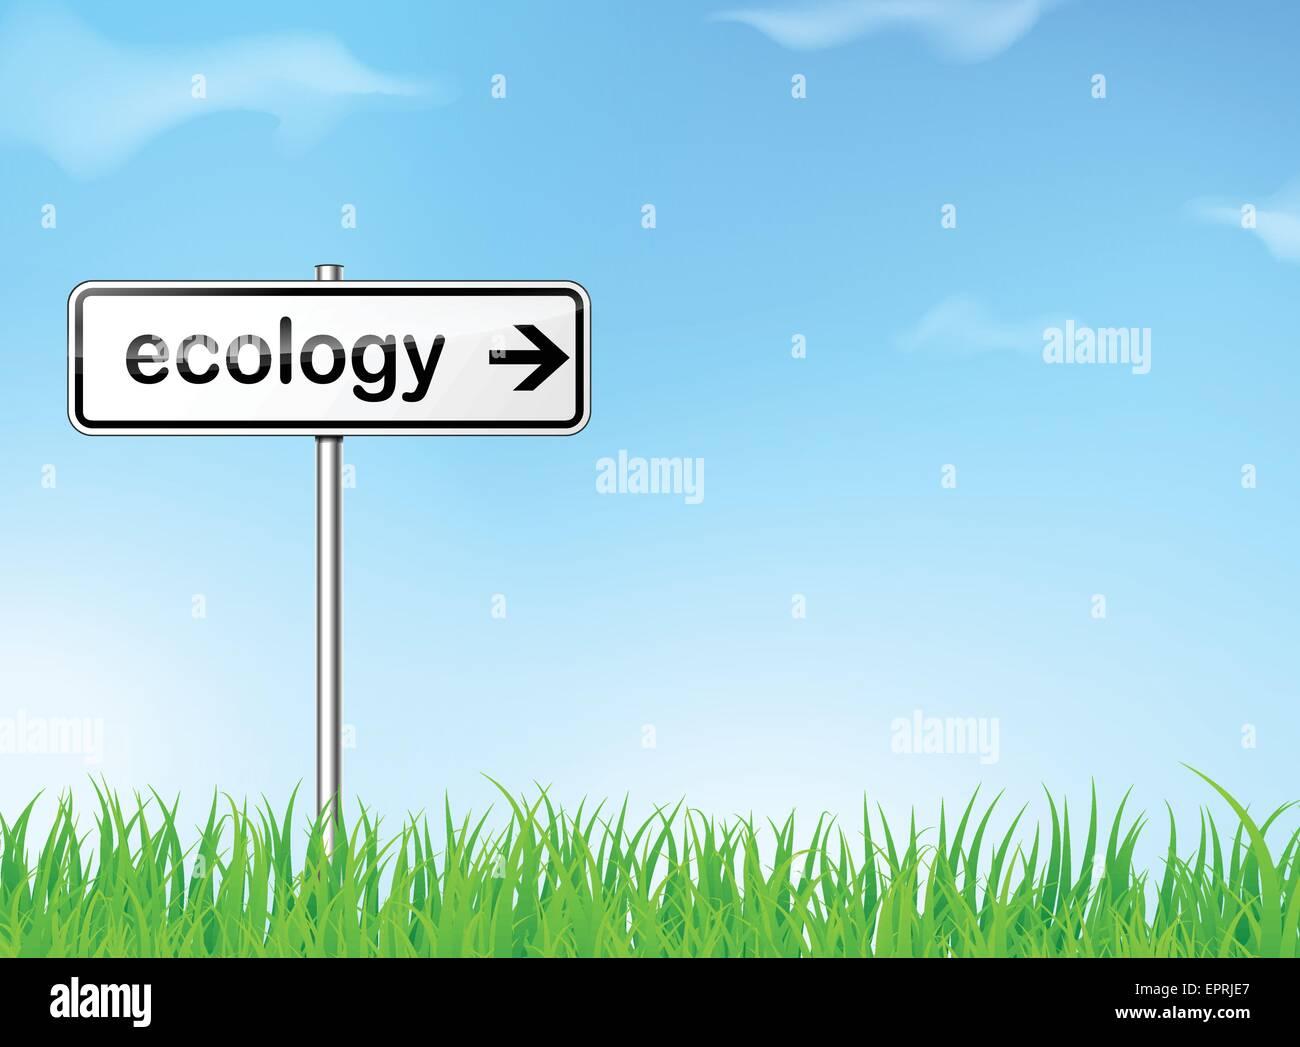 Ilustración de ecología abstractas señales de carretera dirección Imagen De Stock